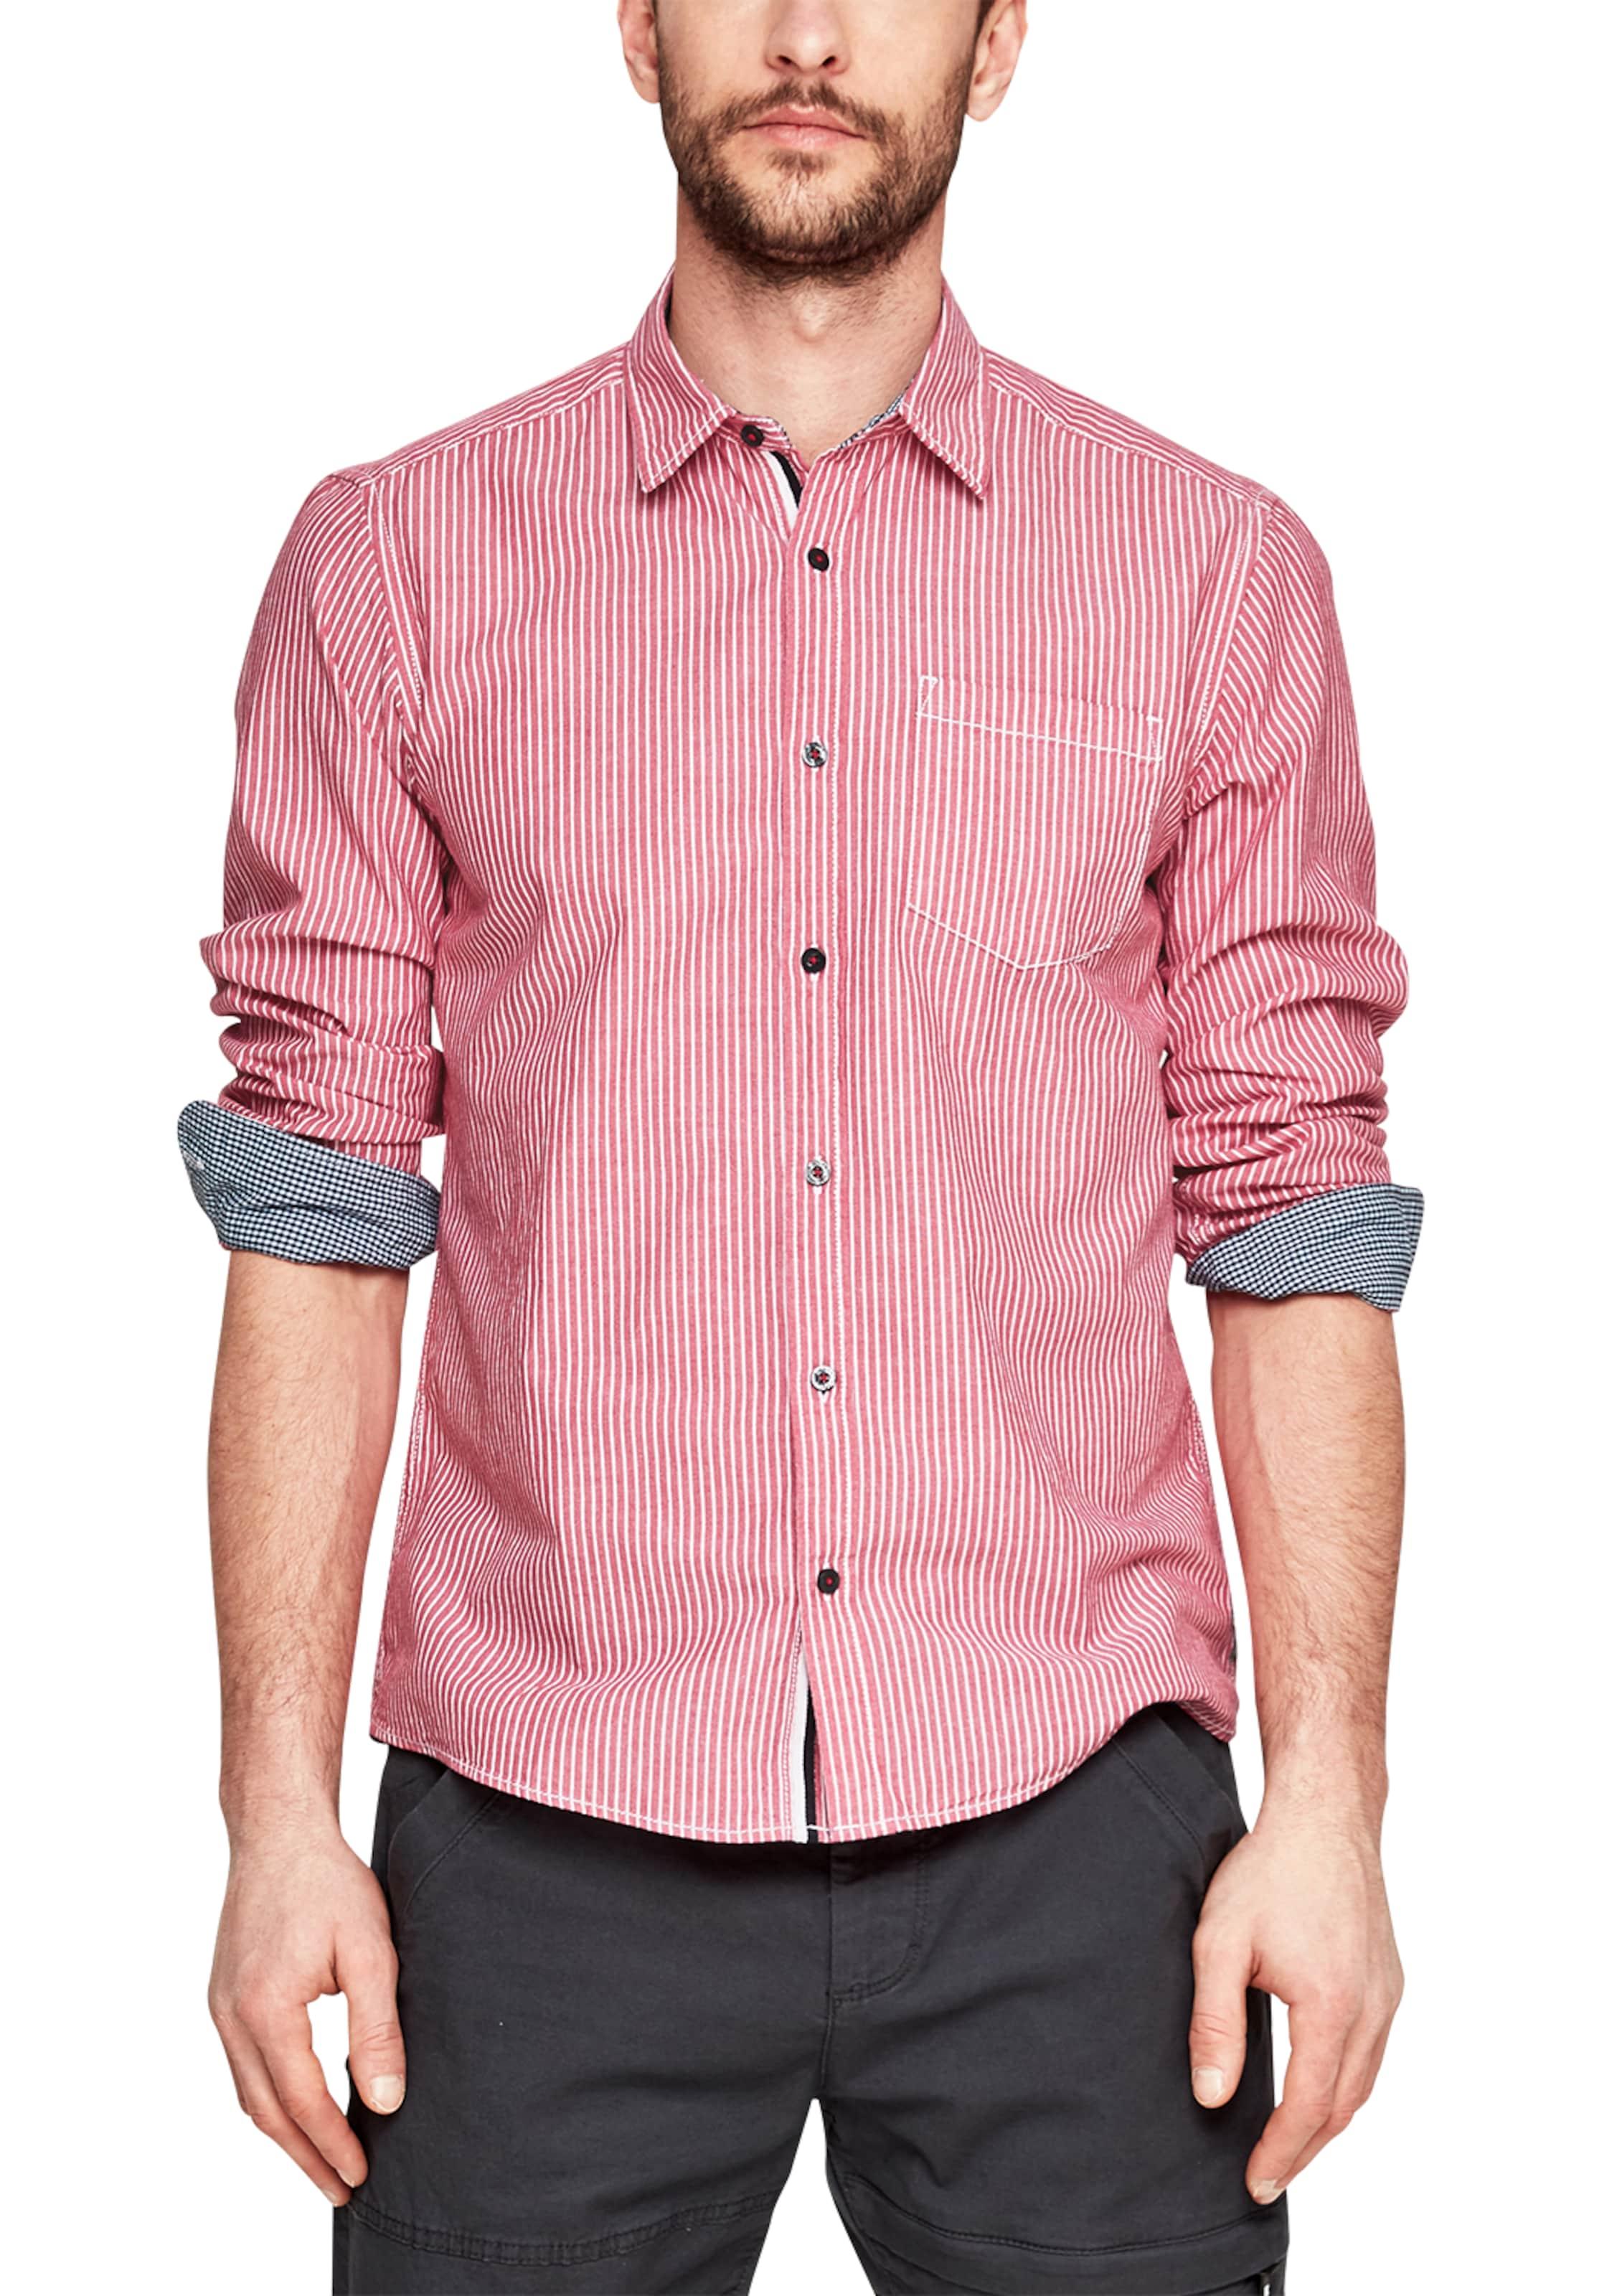 Verkauf Großer Verkauf s.Oliver RED LABEL Regular: Hemd mit Längsstreifen Auf Heißen Verkauf Empfehlen Günstigen Preis Rabatt-Shop Für Perfekt e6ymo50yV